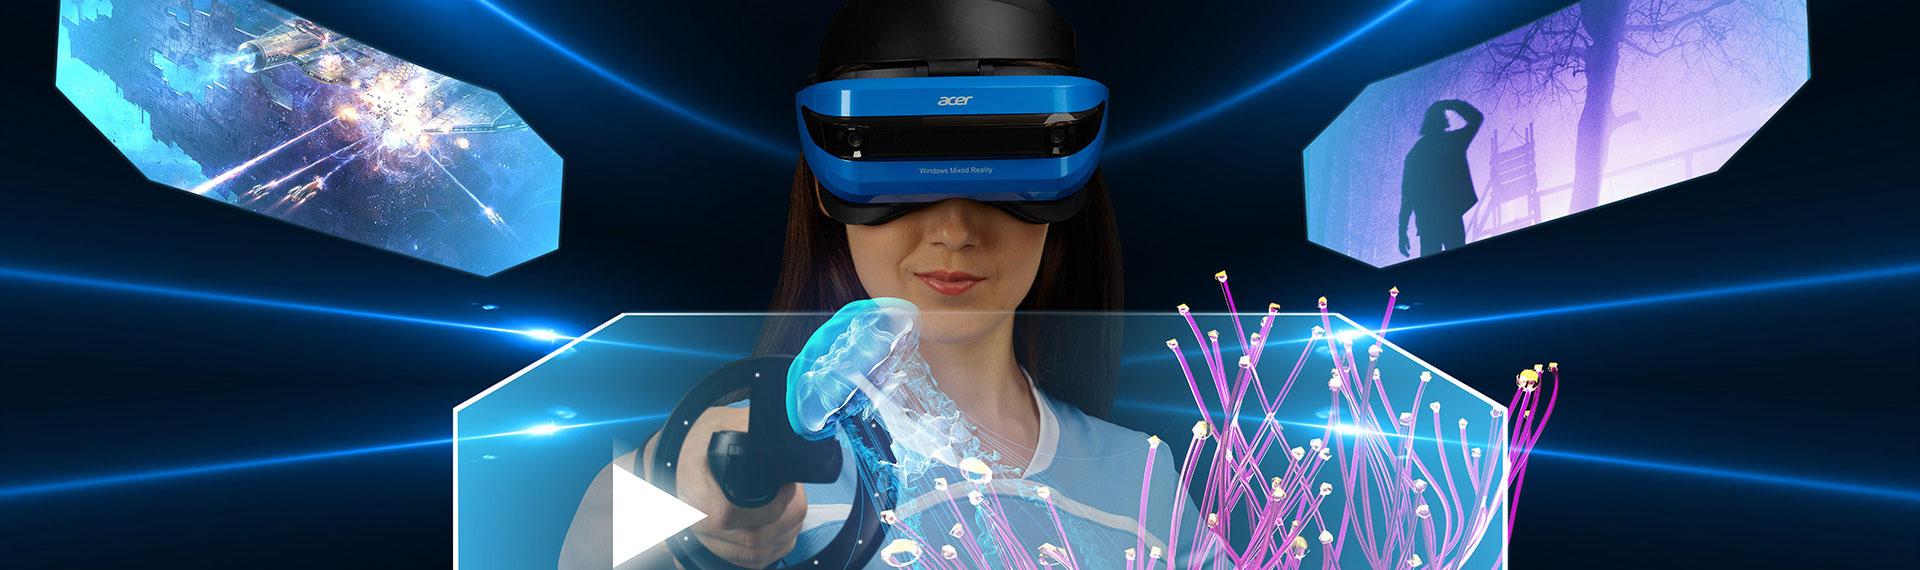 6 Cara Menyambungkan VR ke PC untuk Pengalaman Gaming Imersif!